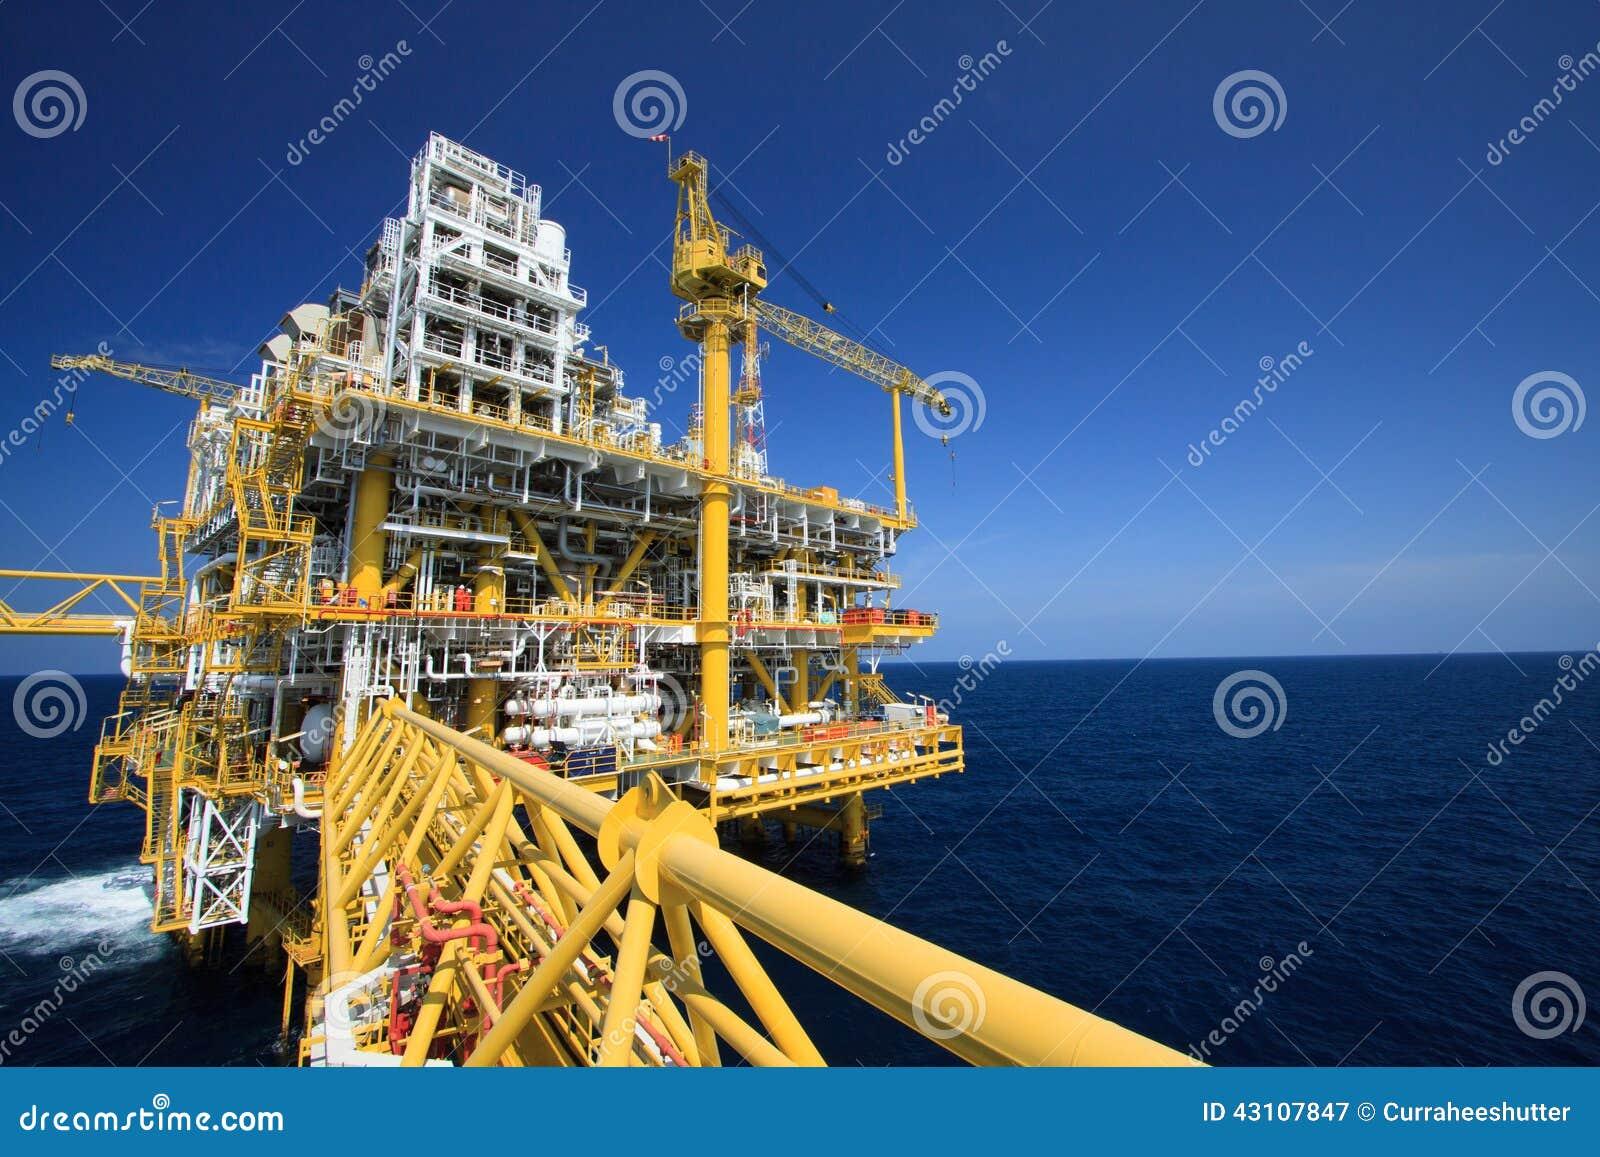 Plataforma de petróleo y gas en la industria costera, proceso de producción en la industria petrolera, planta de la construcción